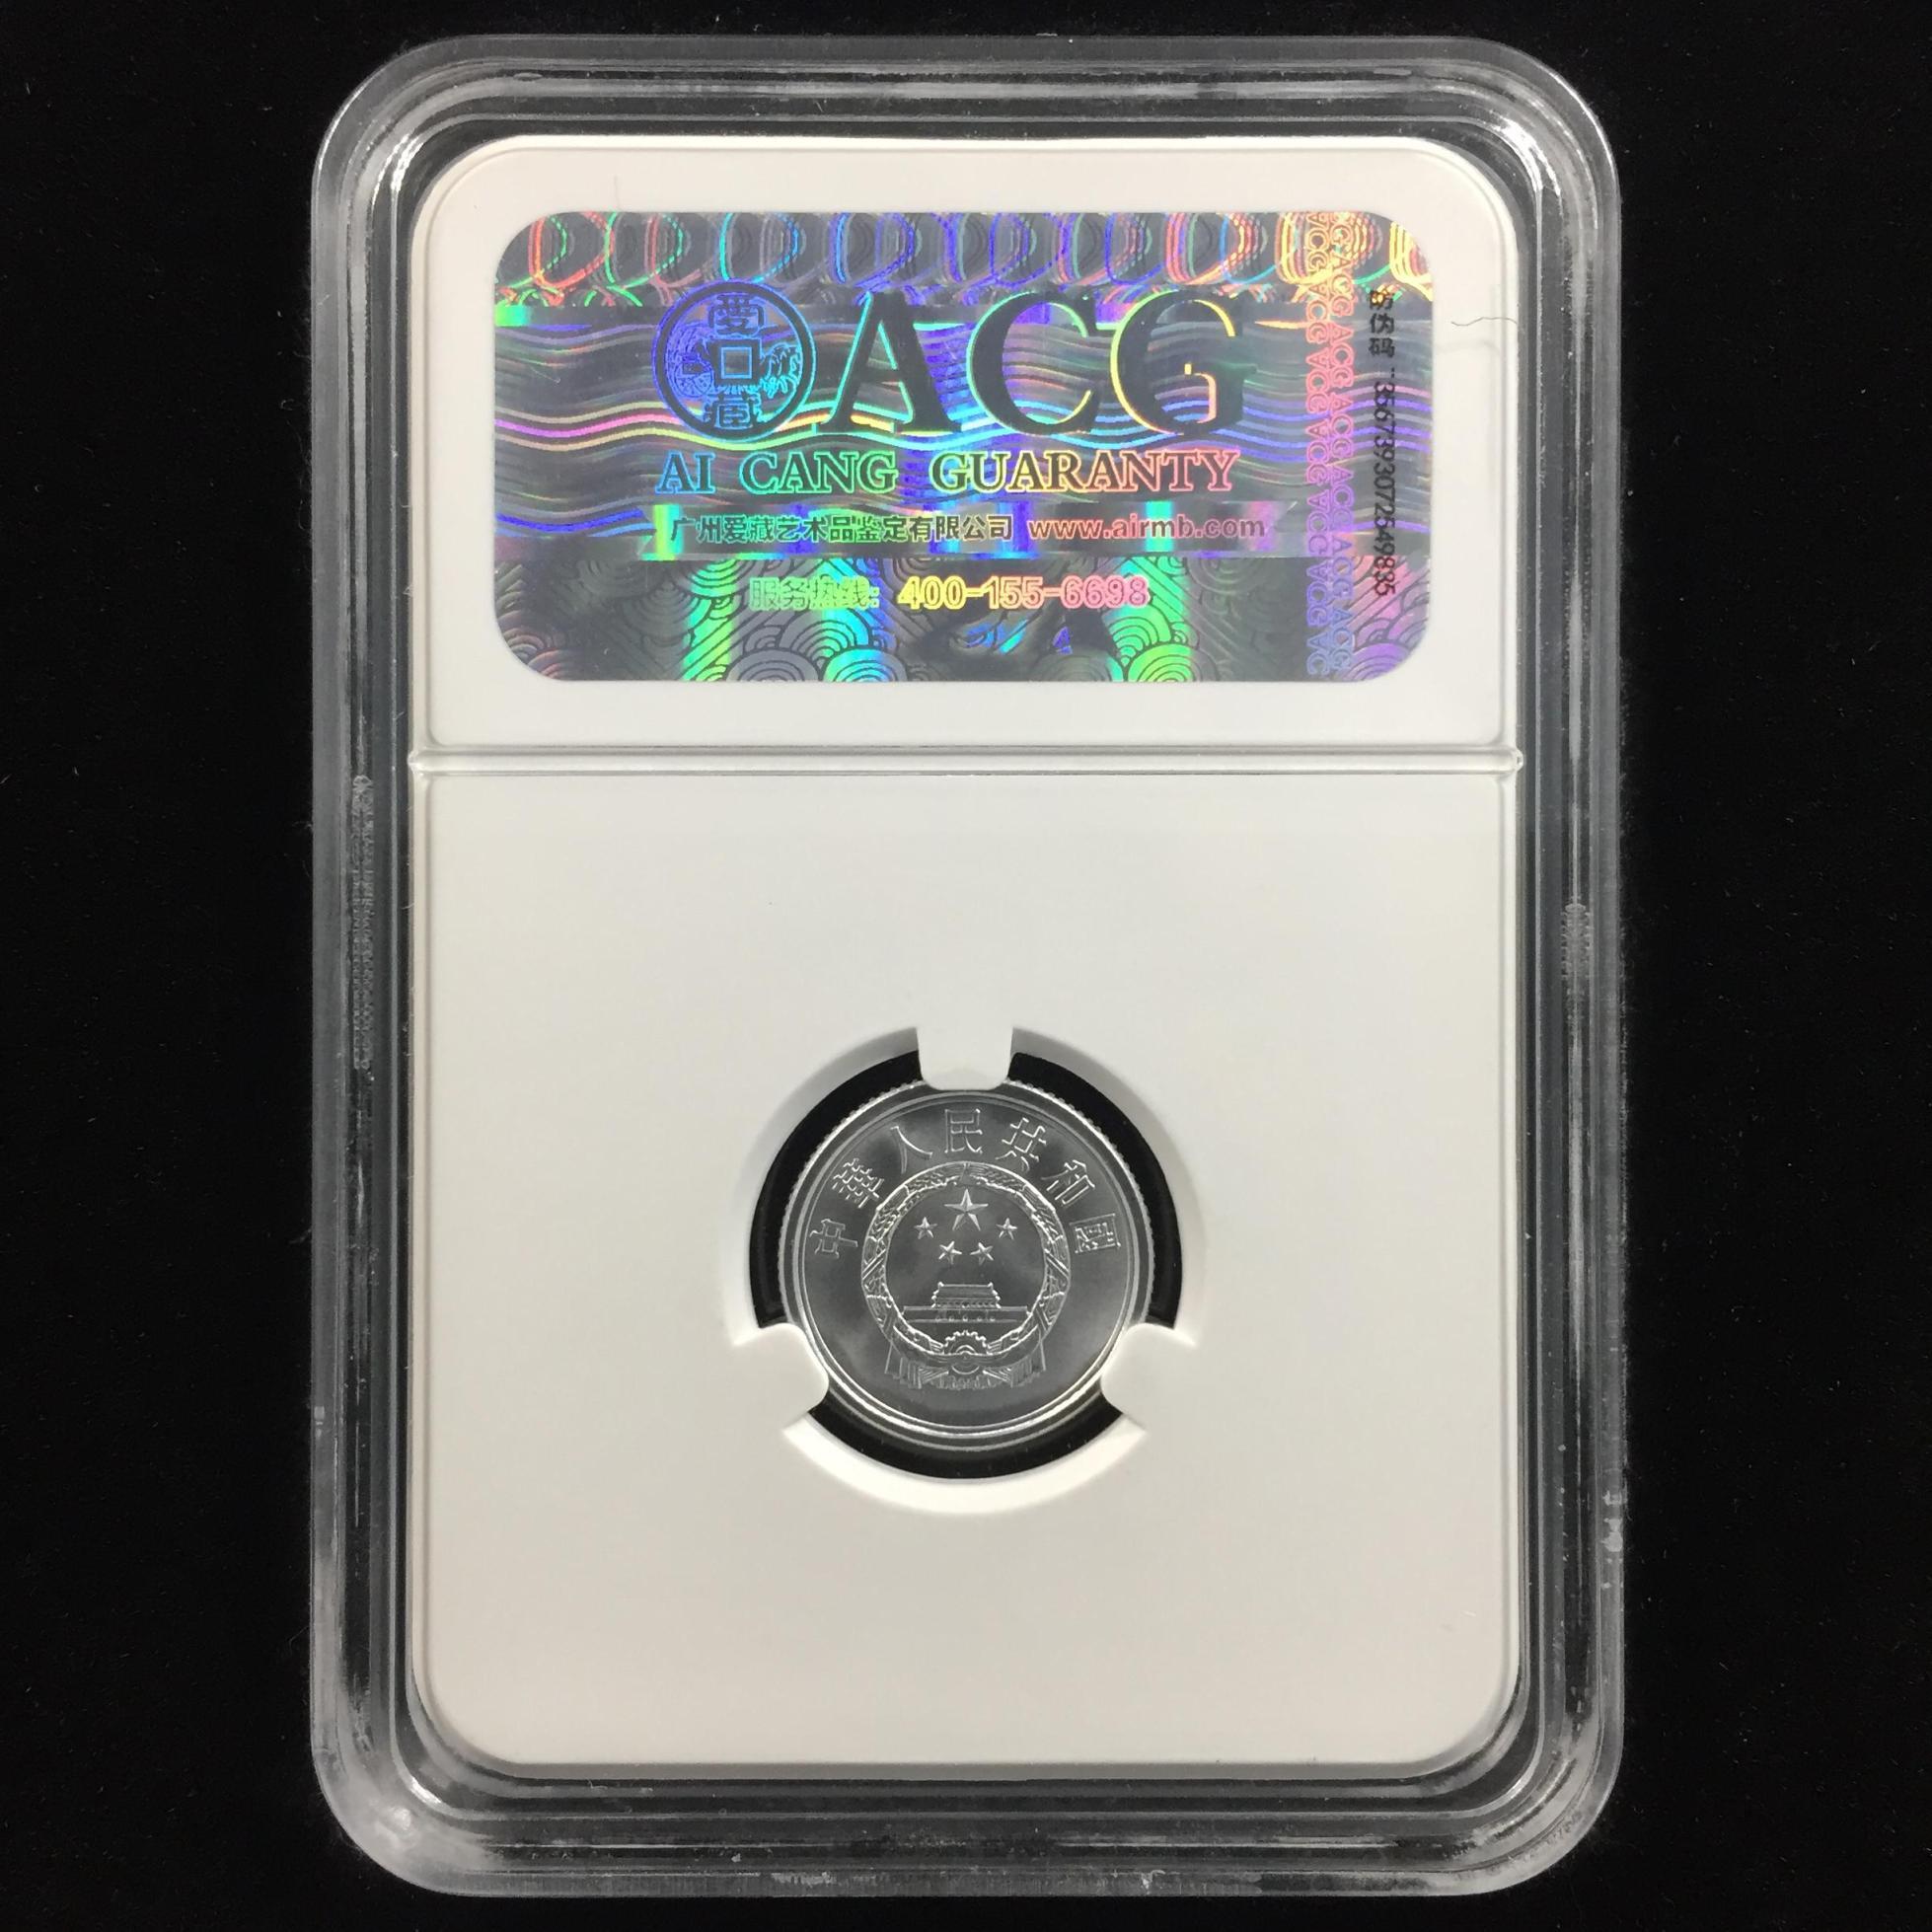 双齿币→2013年1分硬币→ACG鉴定证书-10768277